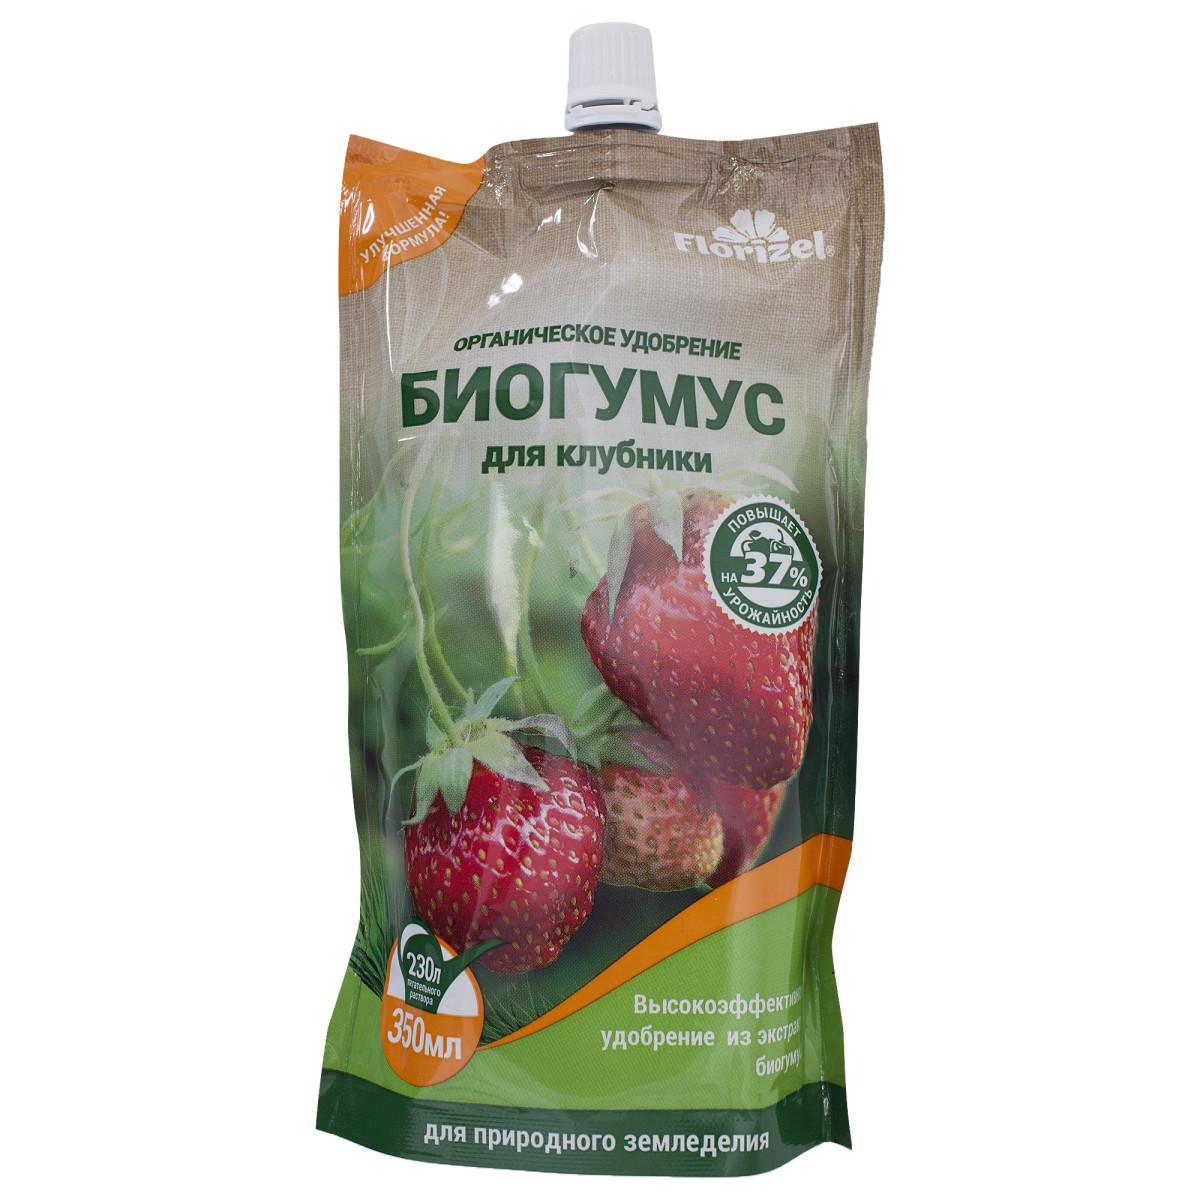 Биогумус Florizel для клубники 0.35 л